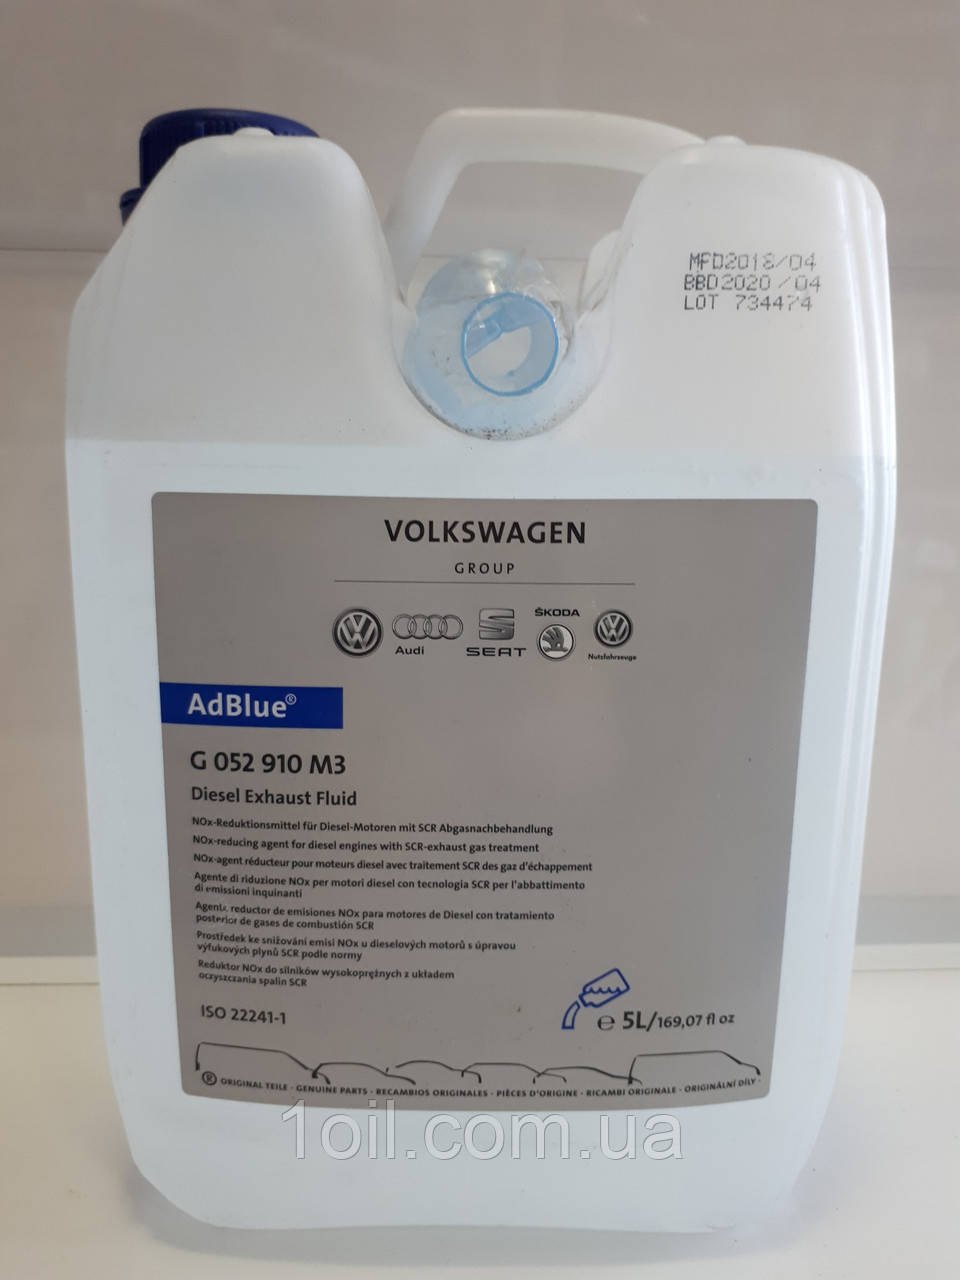 Присадка в топливо жидкость AdBlue-010 Diesel Exhaust Fluid VAG (оригинал)  5л  G052910M3(A4)